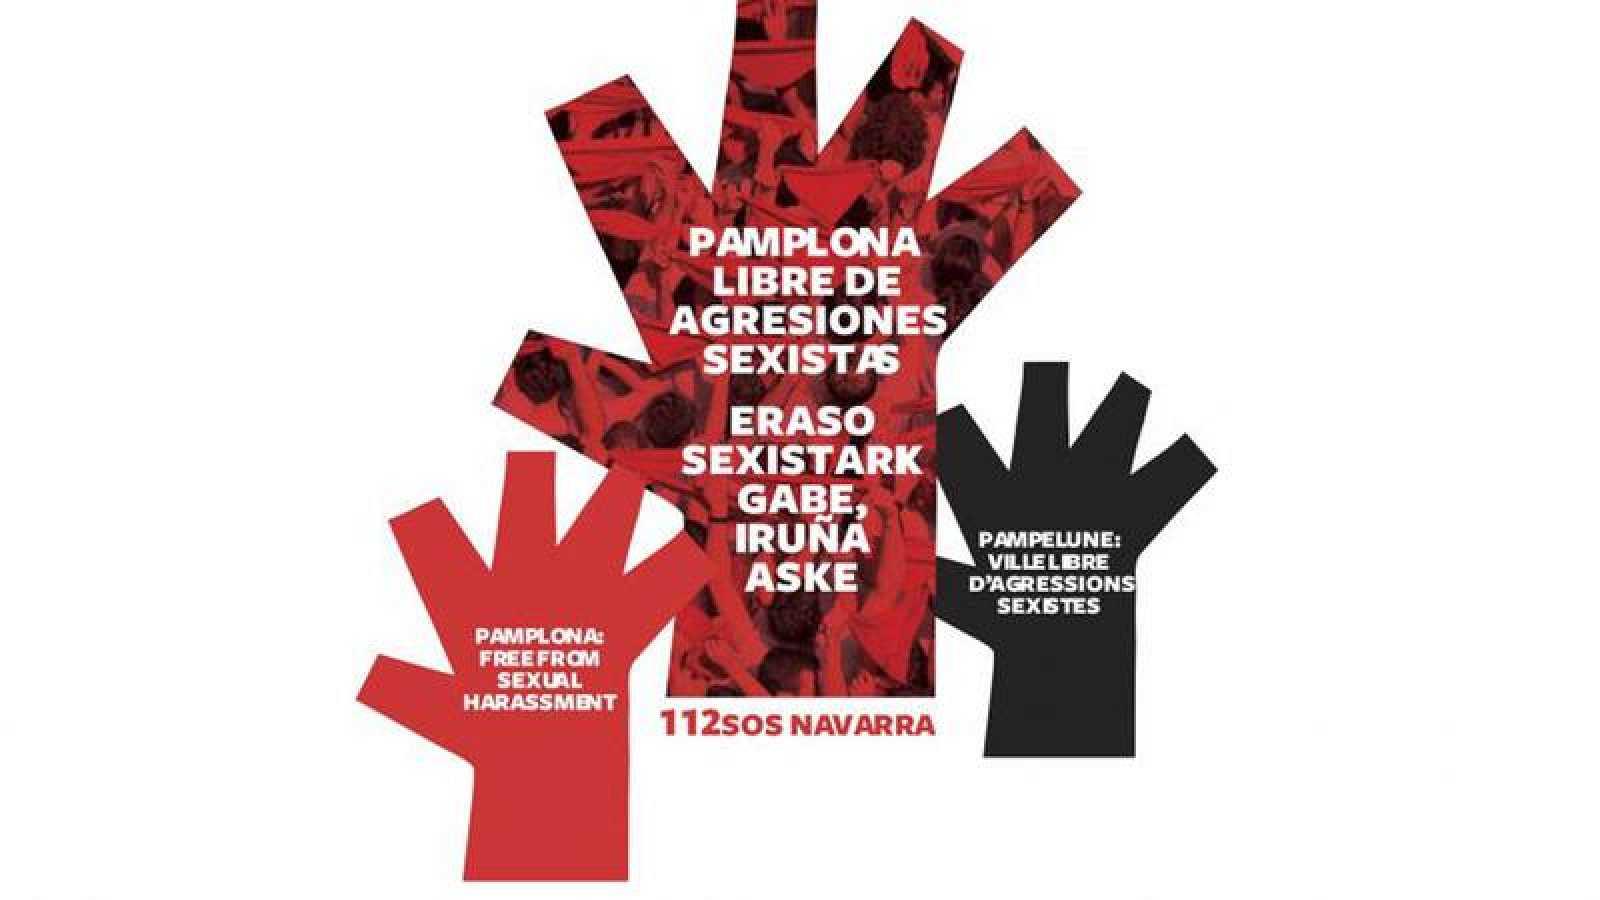 Estrategia 'Pamplona libre de agresiones sexistas' por los Sanfermines